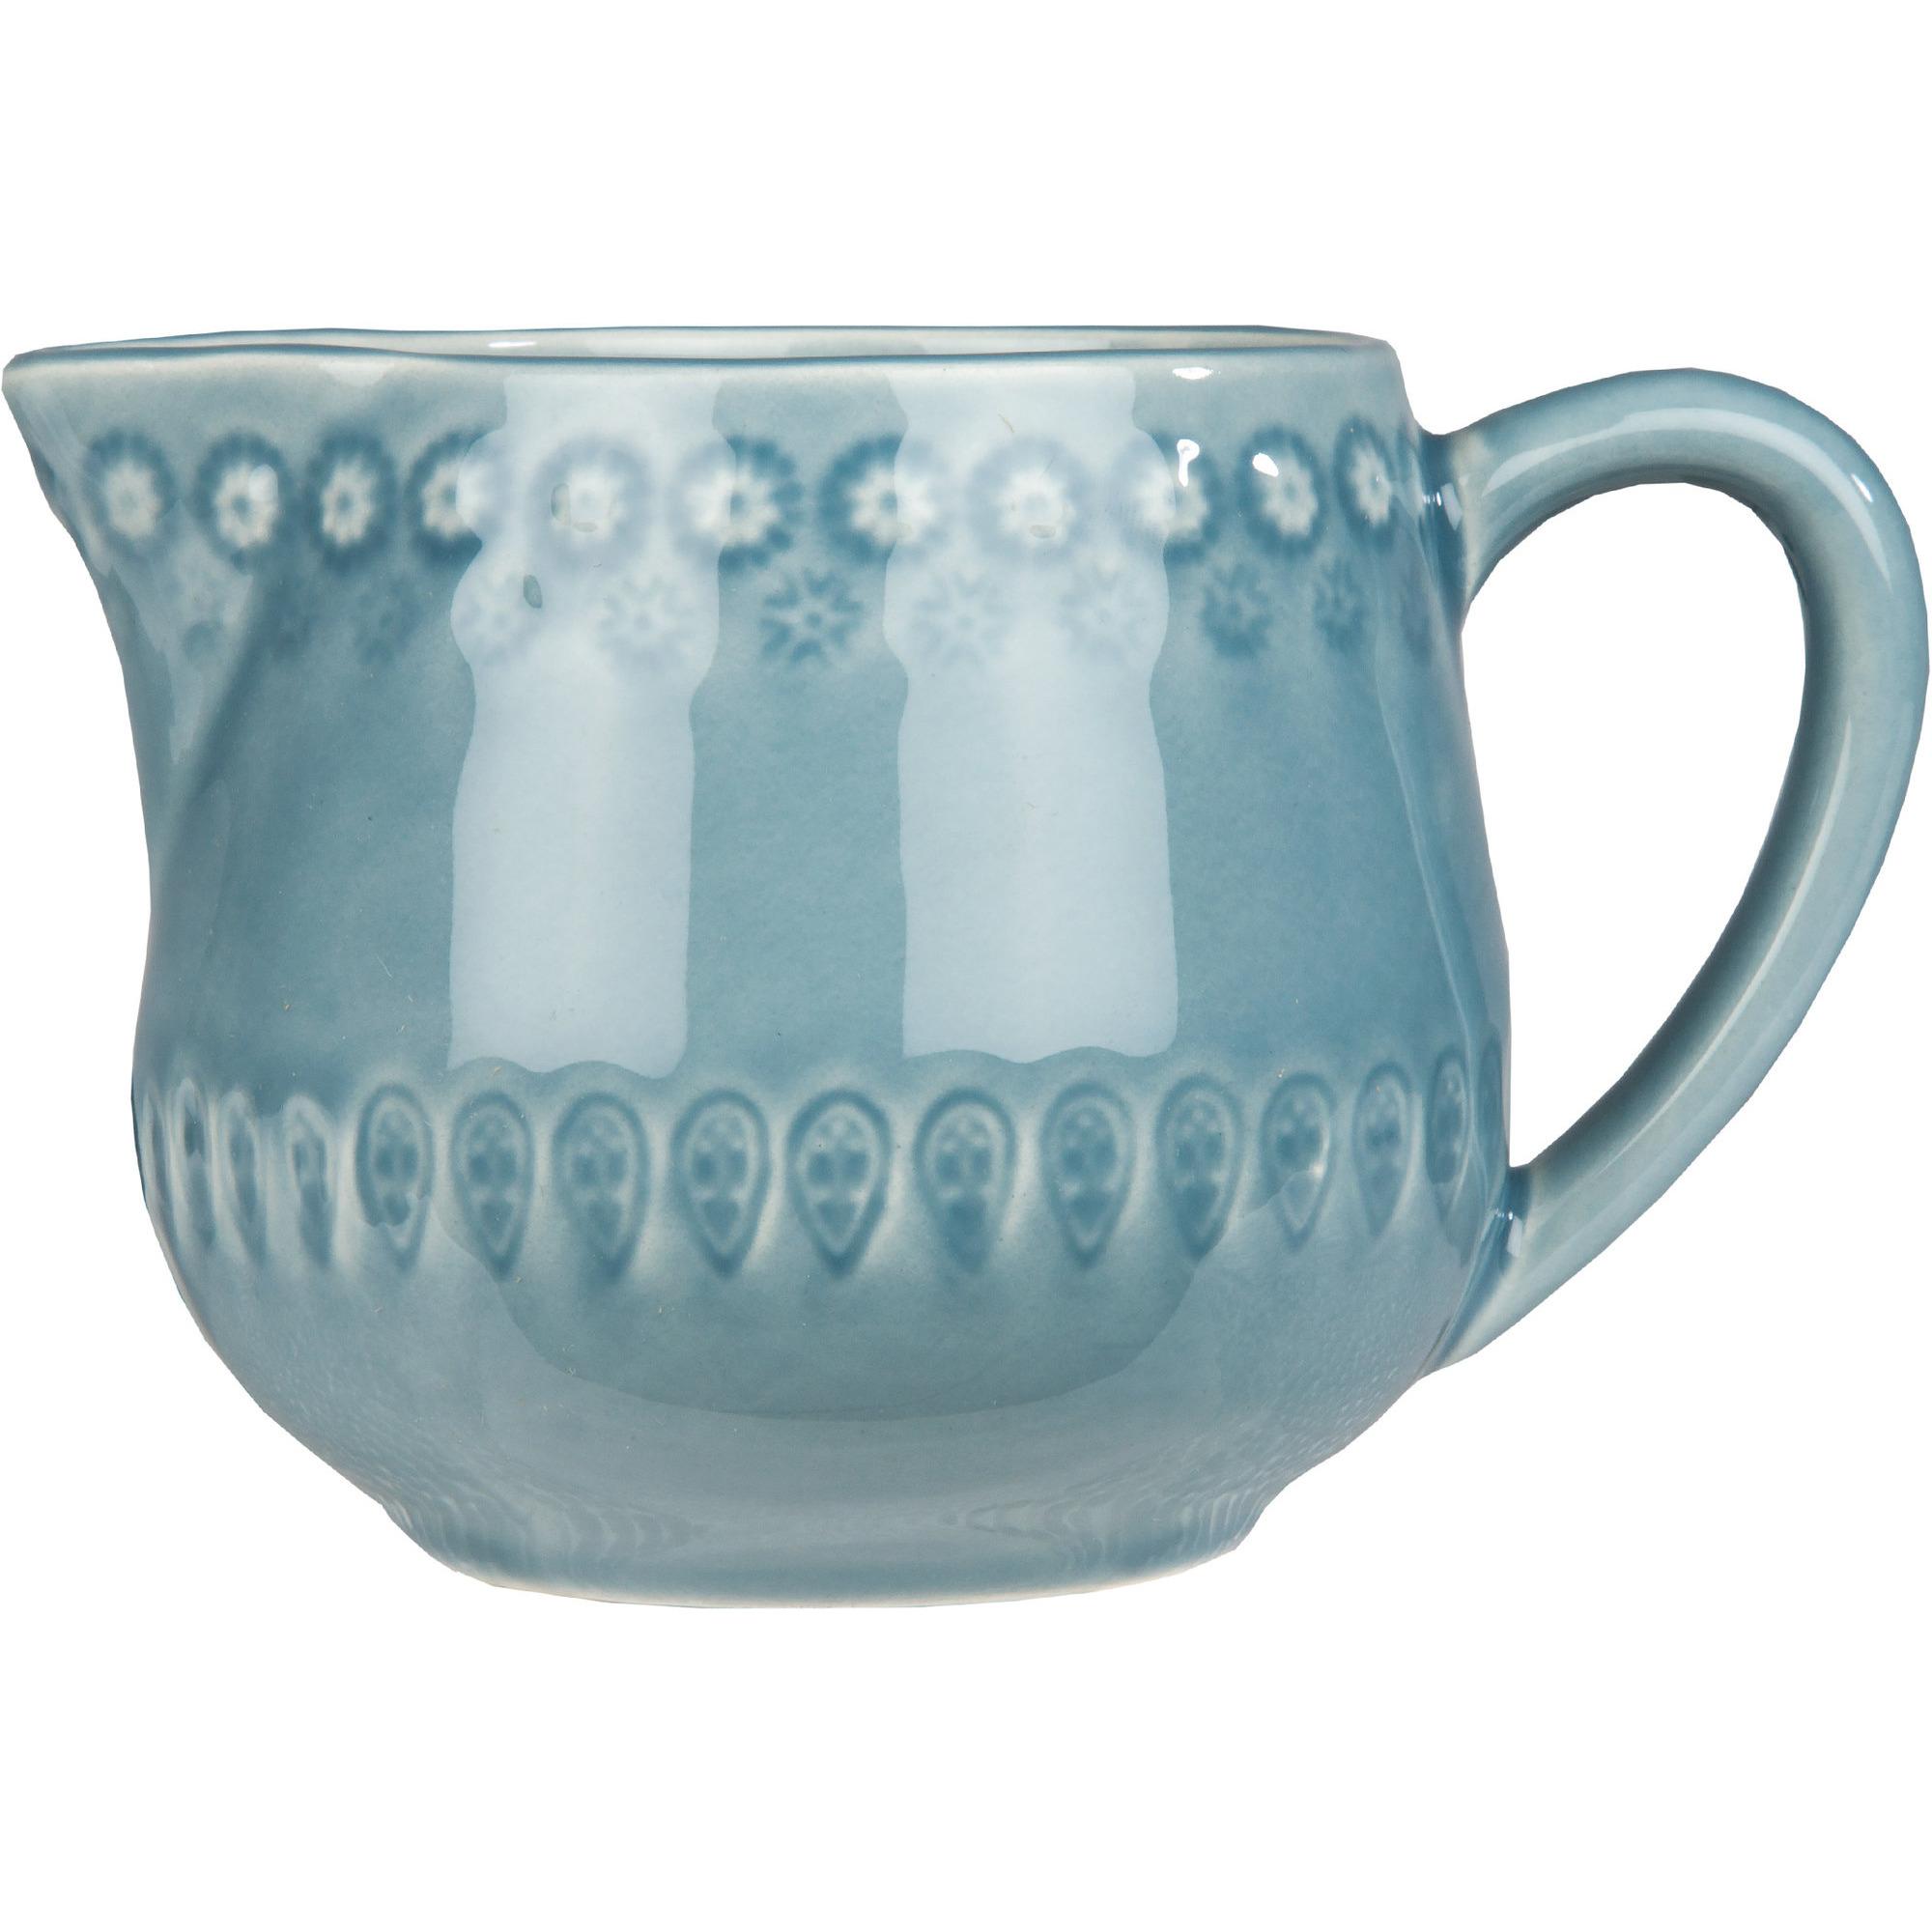 PotteryJo Daisy Mjölkkanna 30 cl Dusty Blue